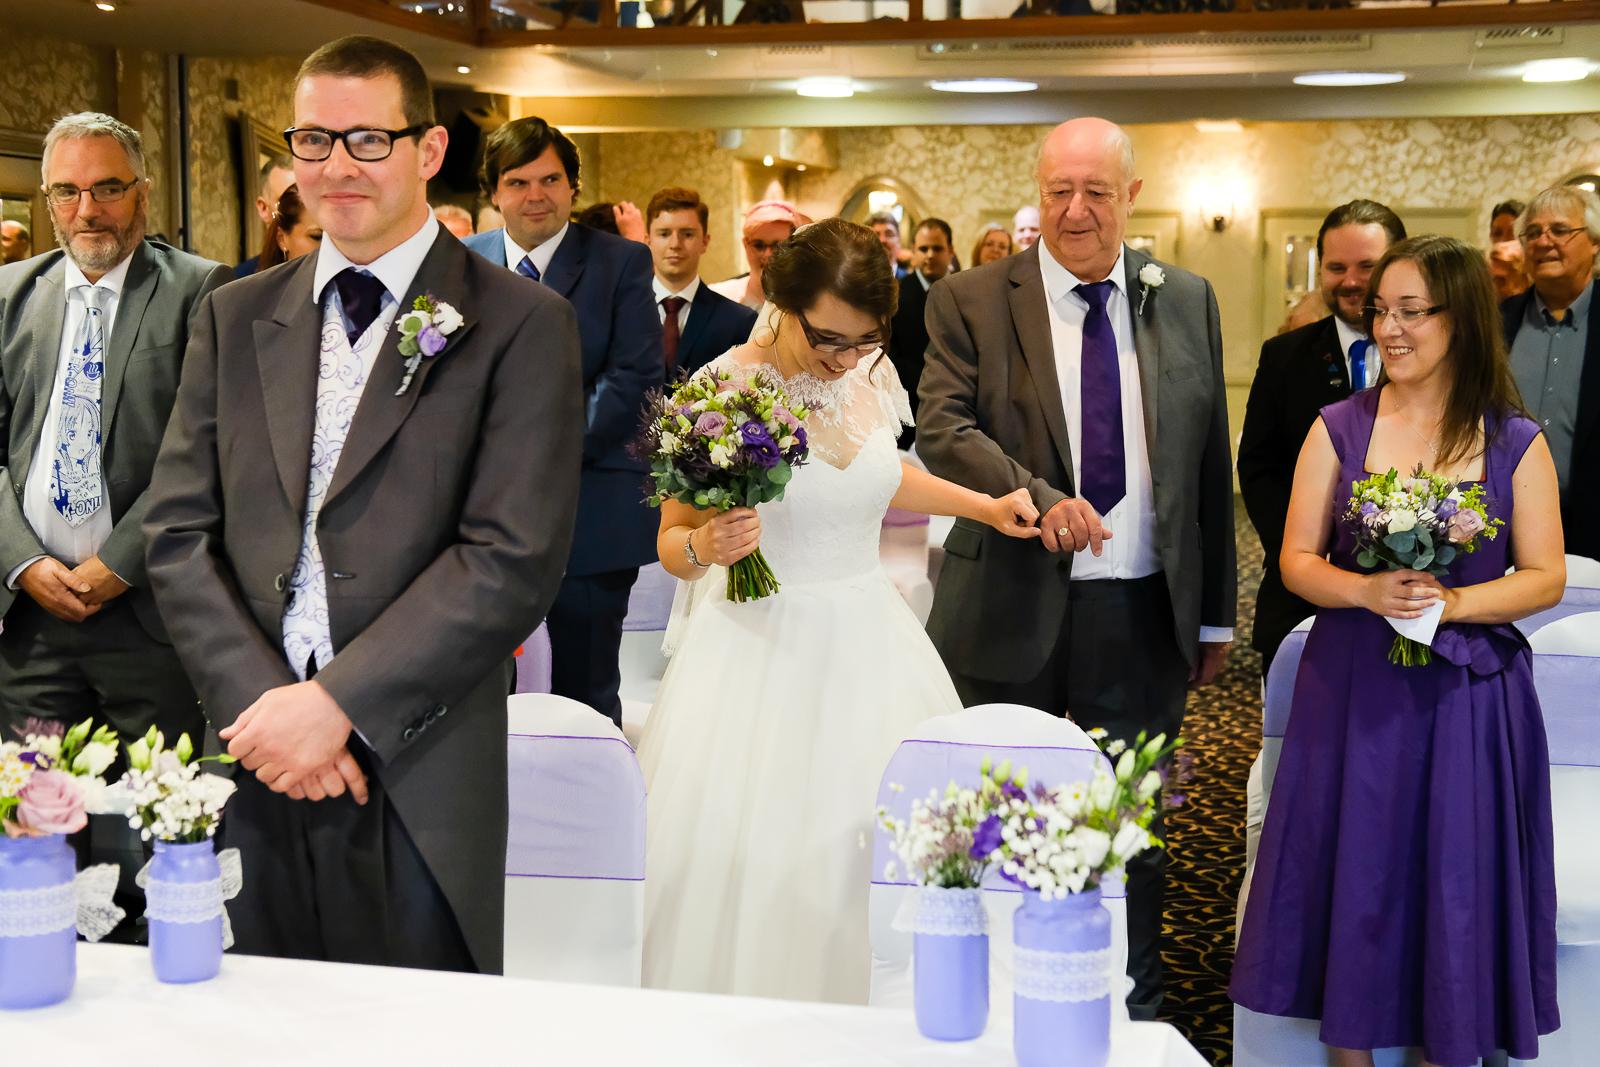 Belmont Hotel Wedding in Leicester 018.jpg